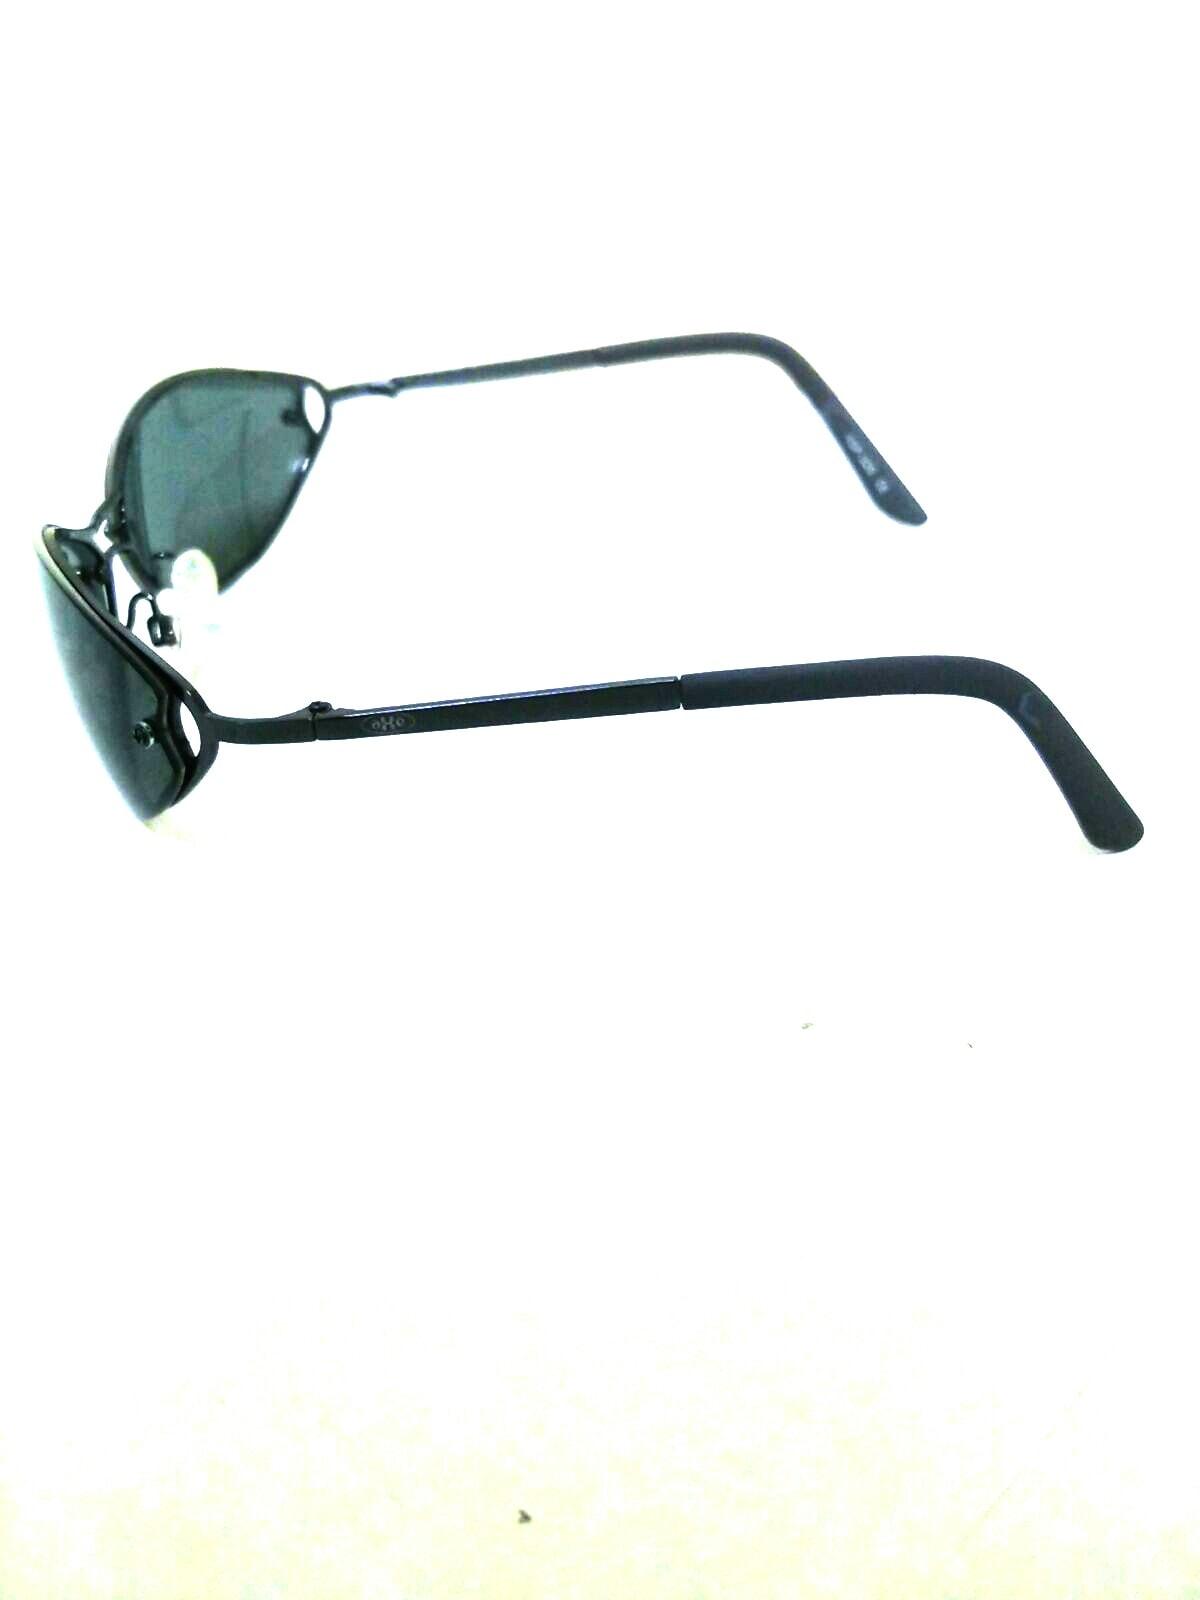 AXE(アックス)のサングラス